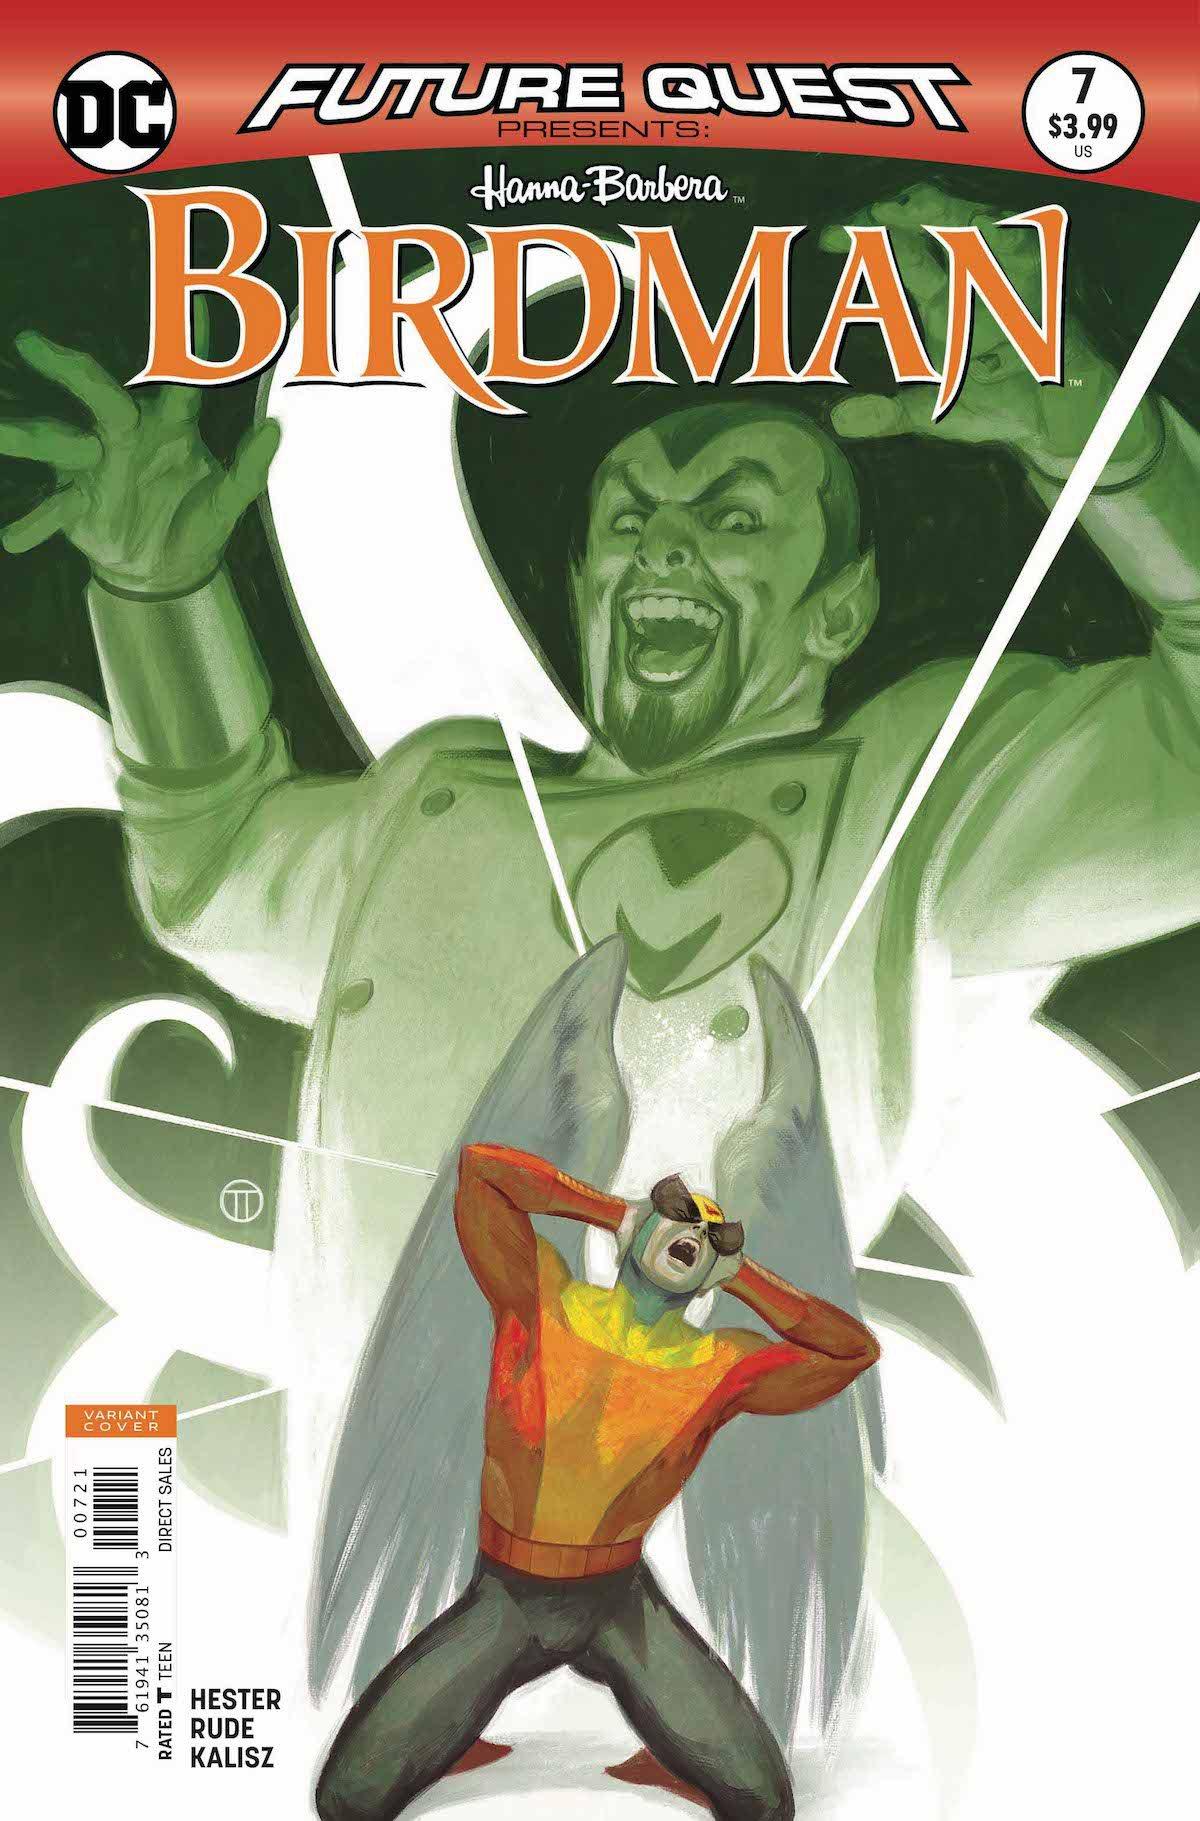 Future Quest Presents #7 Birdman variant cover